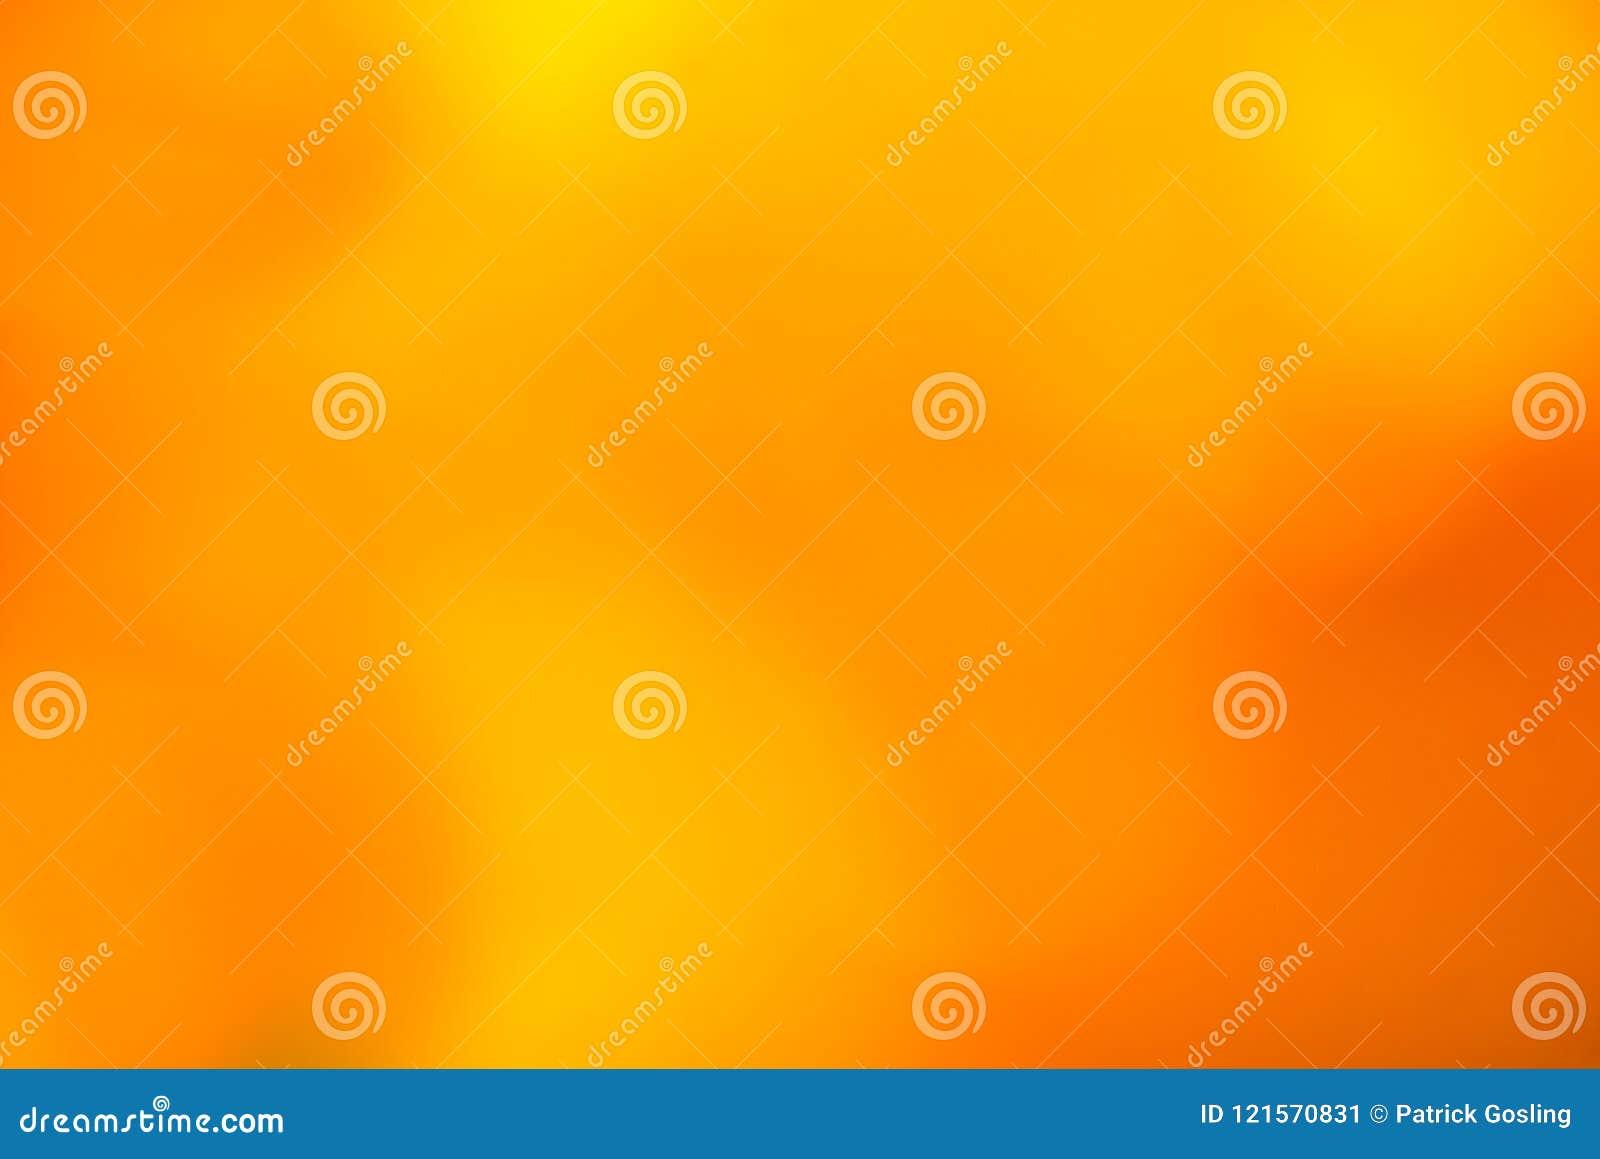 Bernsteinfarbiges und orange gebrannt Weiche unscharfer Hintergrund